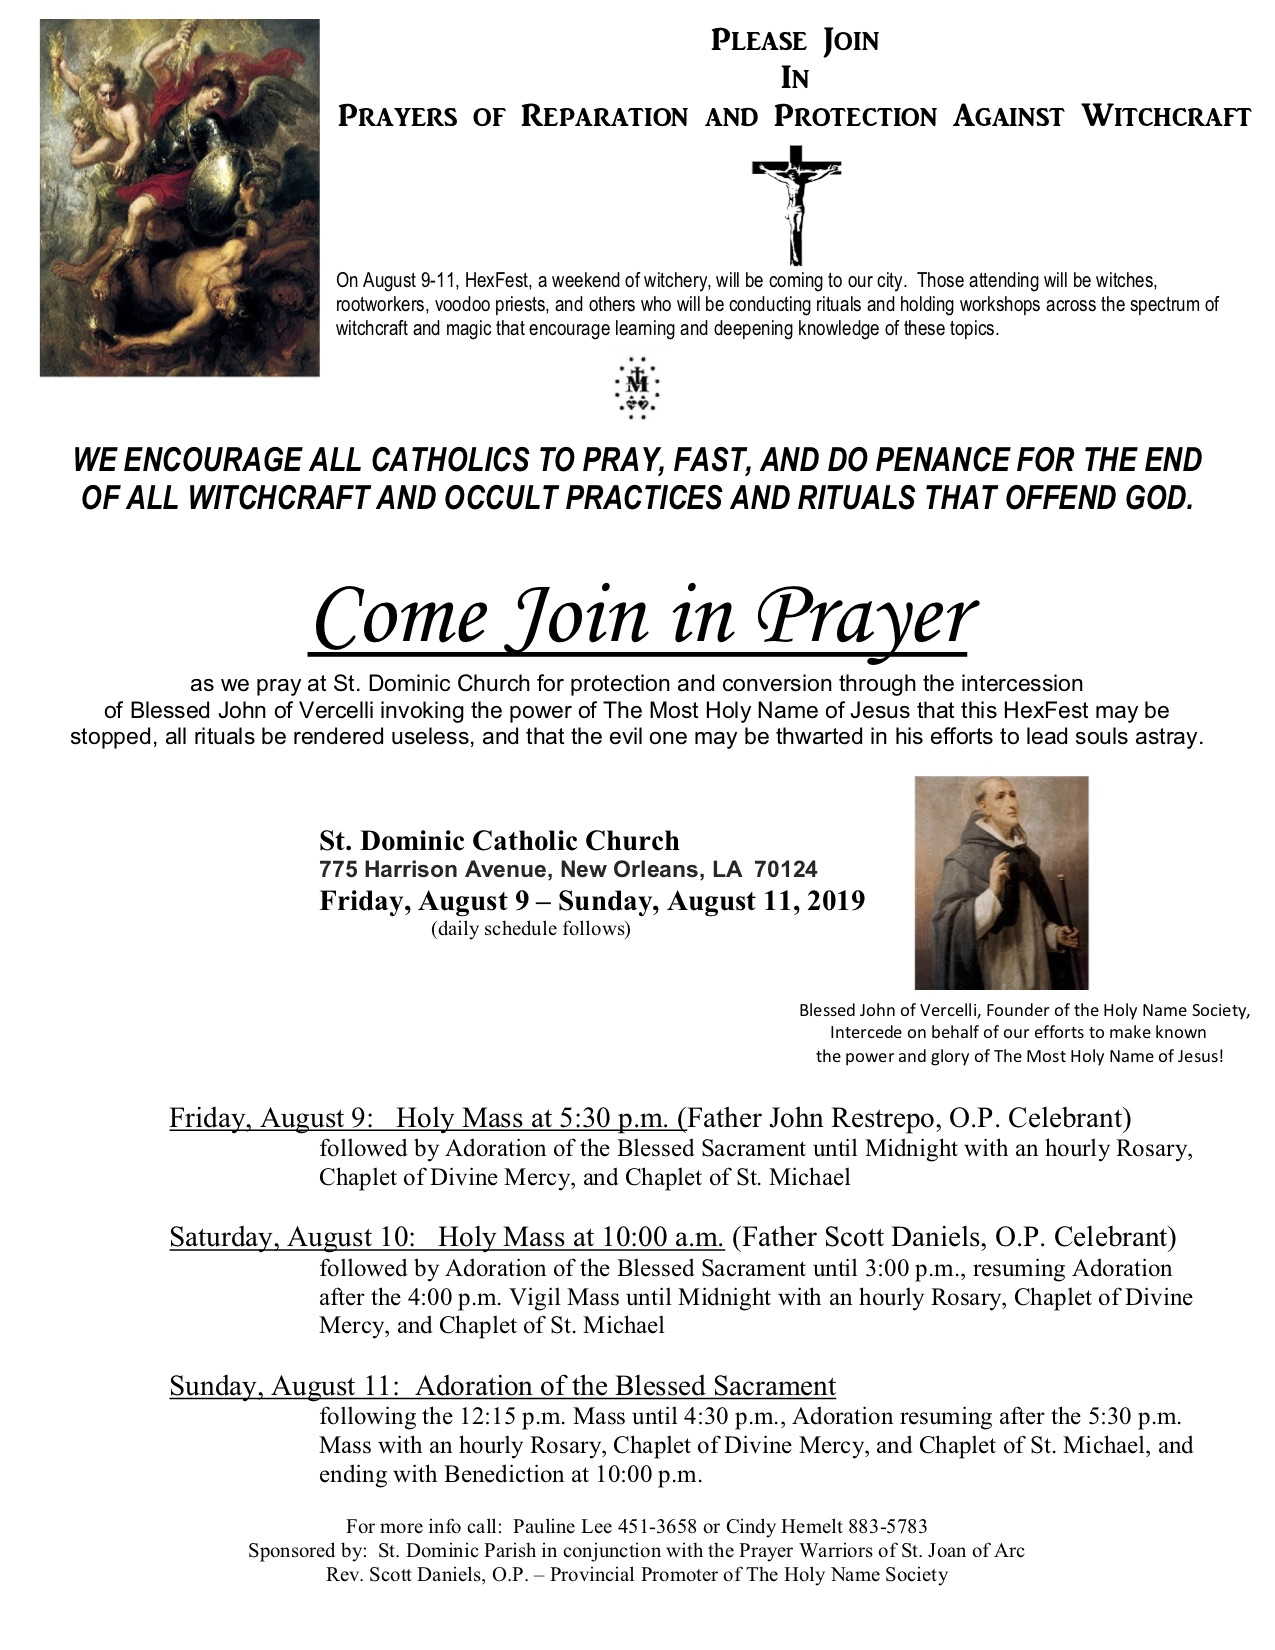 Prayer Warriors-witchcraft 2019    flyer_pdf.jpg